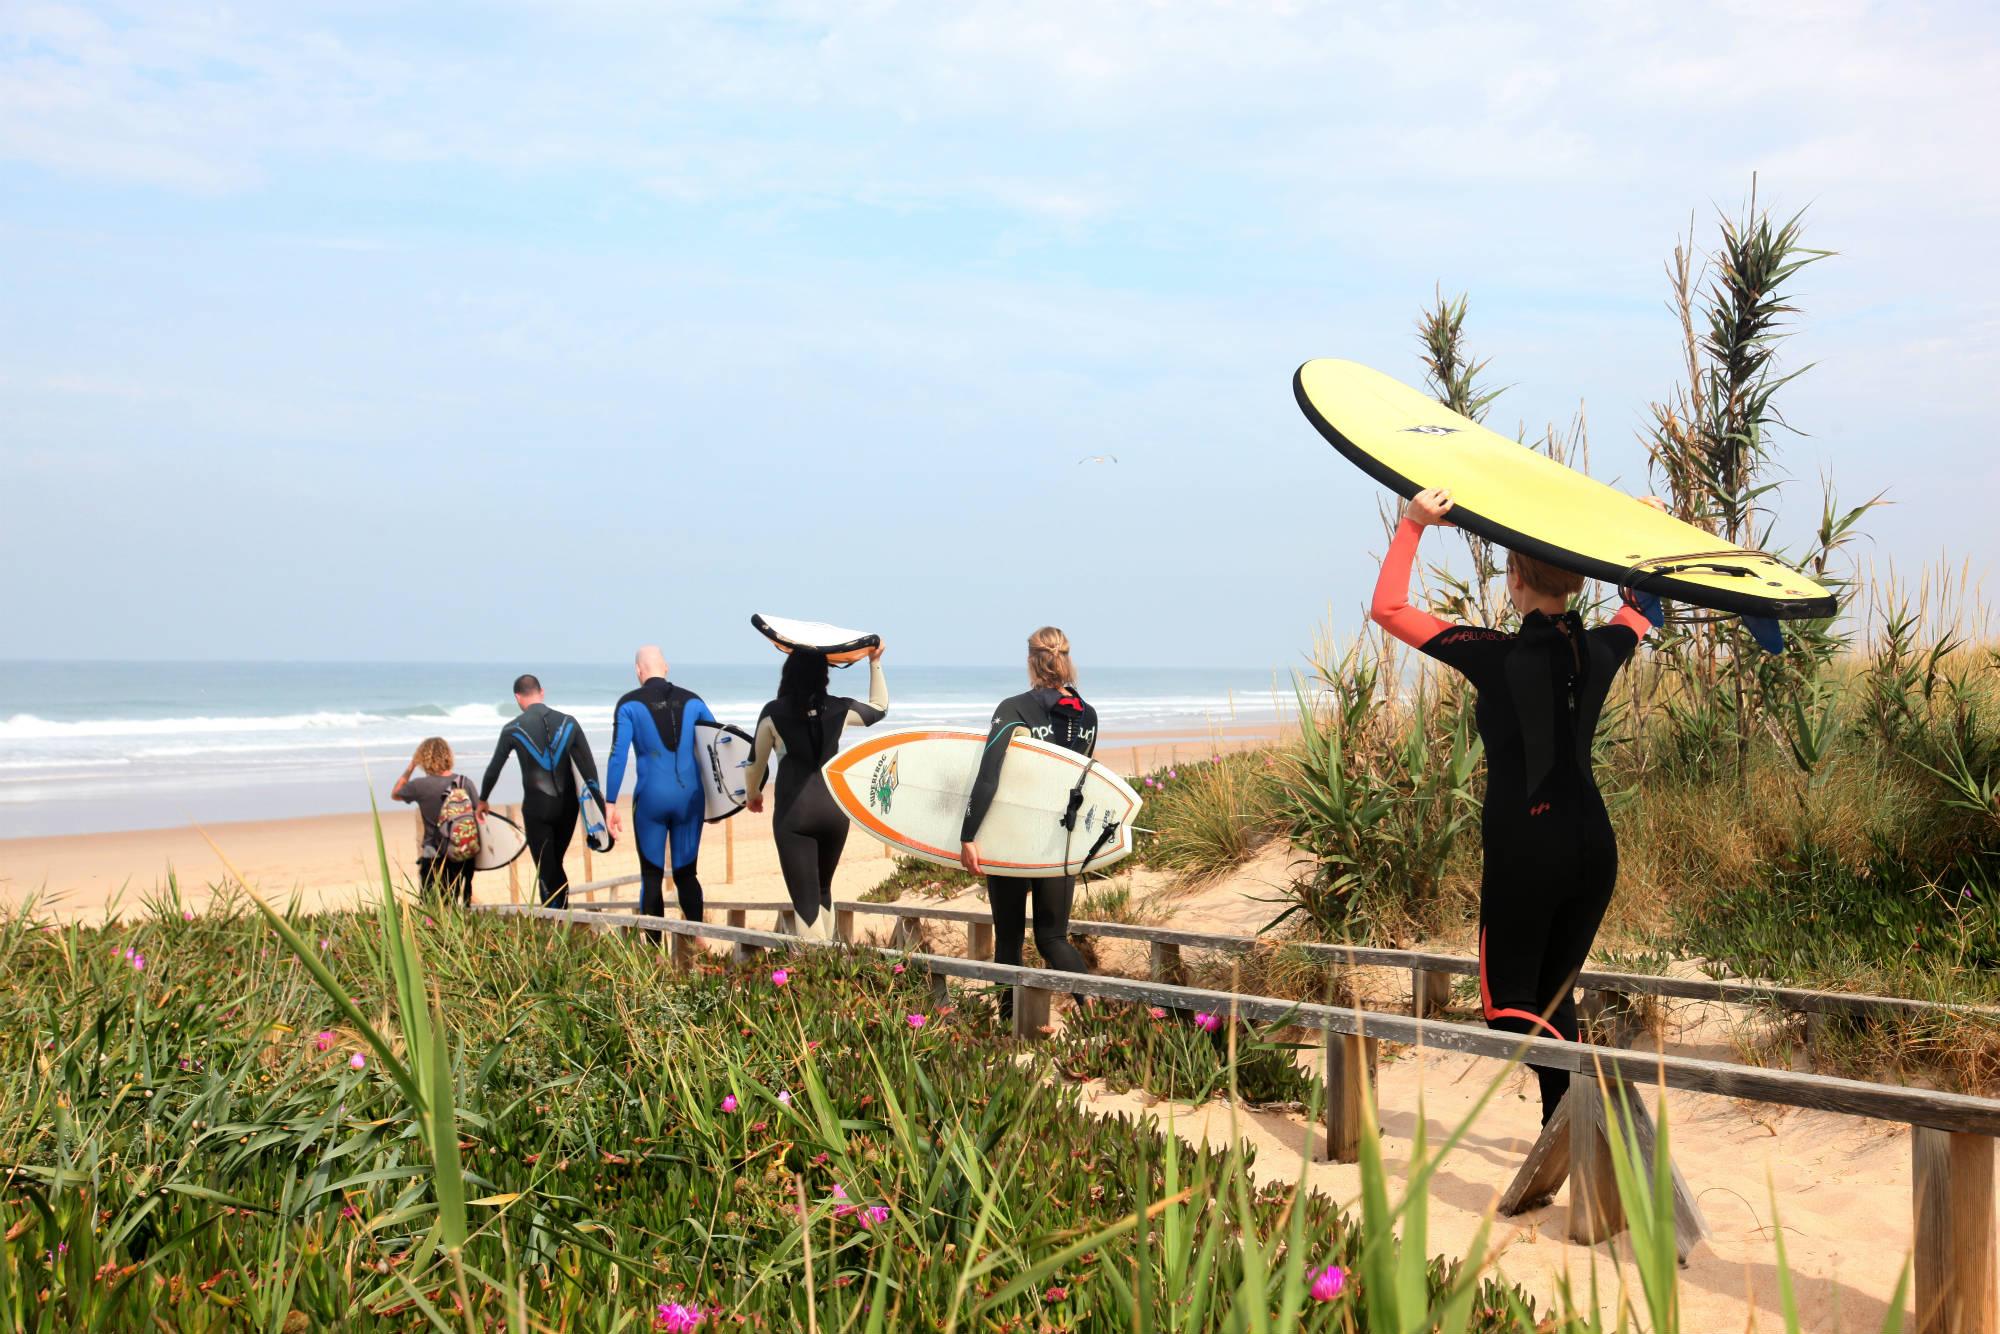 Vom A-Frame Surfcamp sind es nur wenige Meter bis zum Strand.